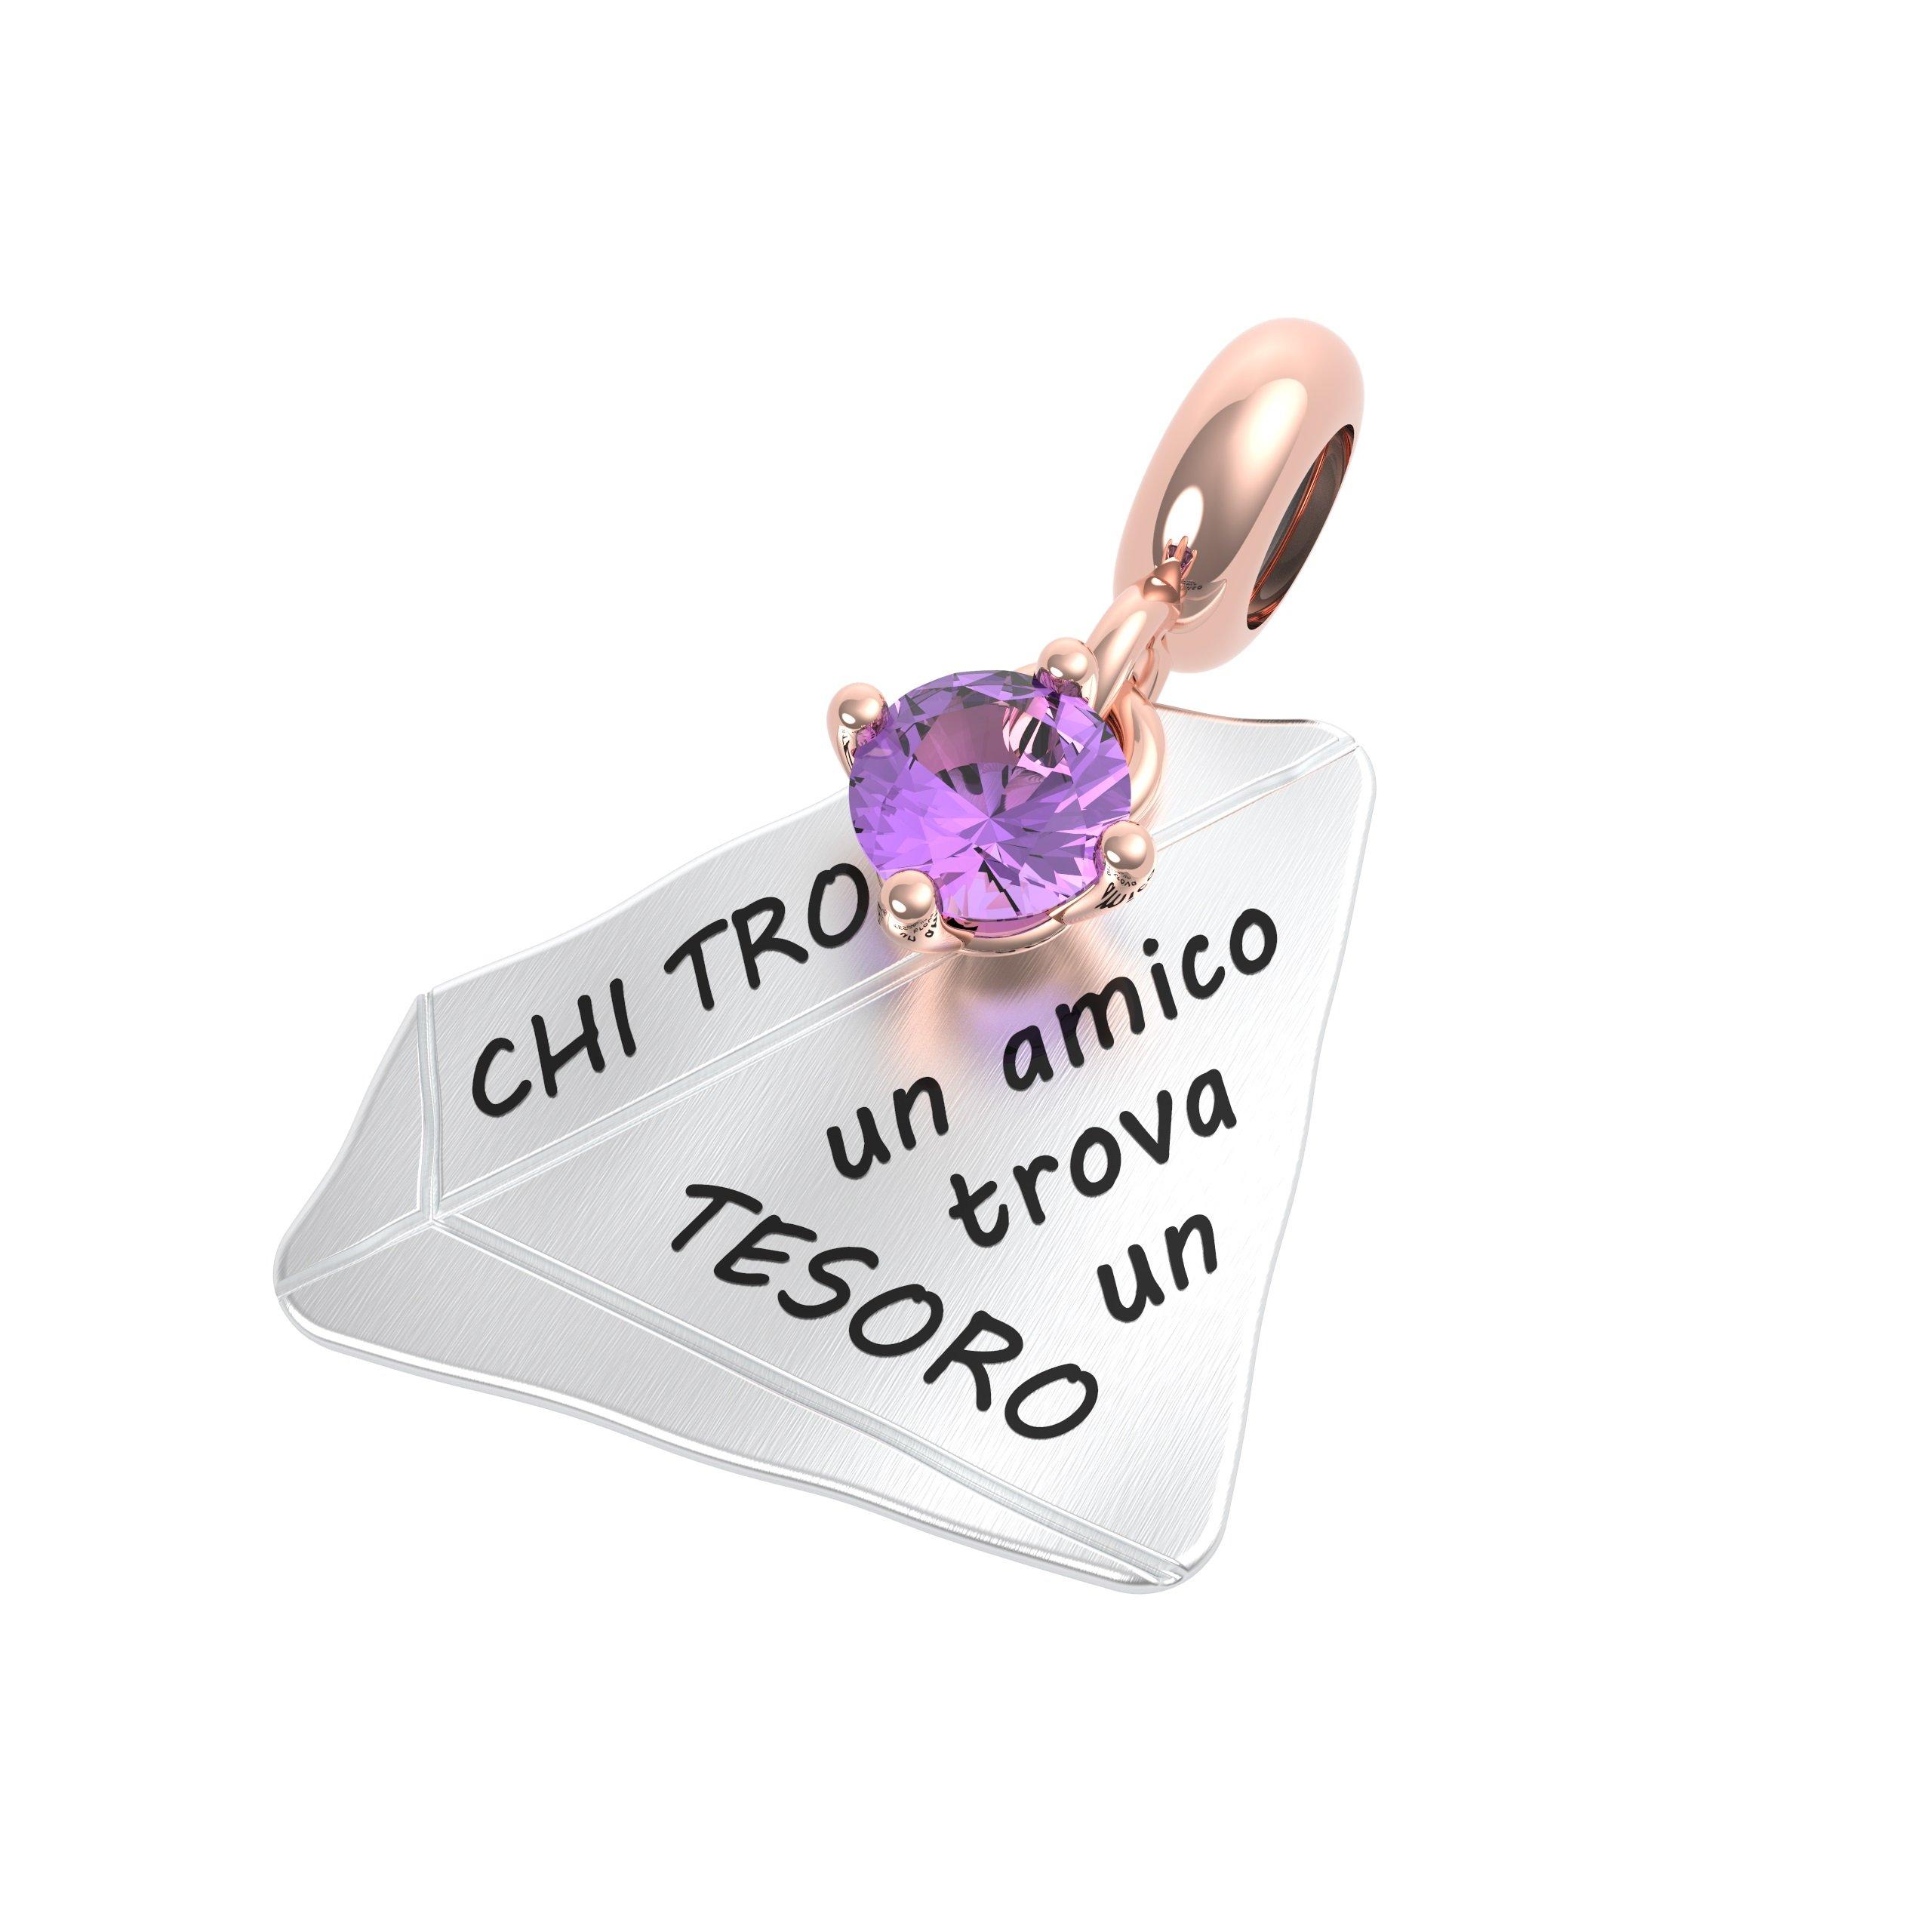 RERUM, Chi trova un amico trova un tesoro